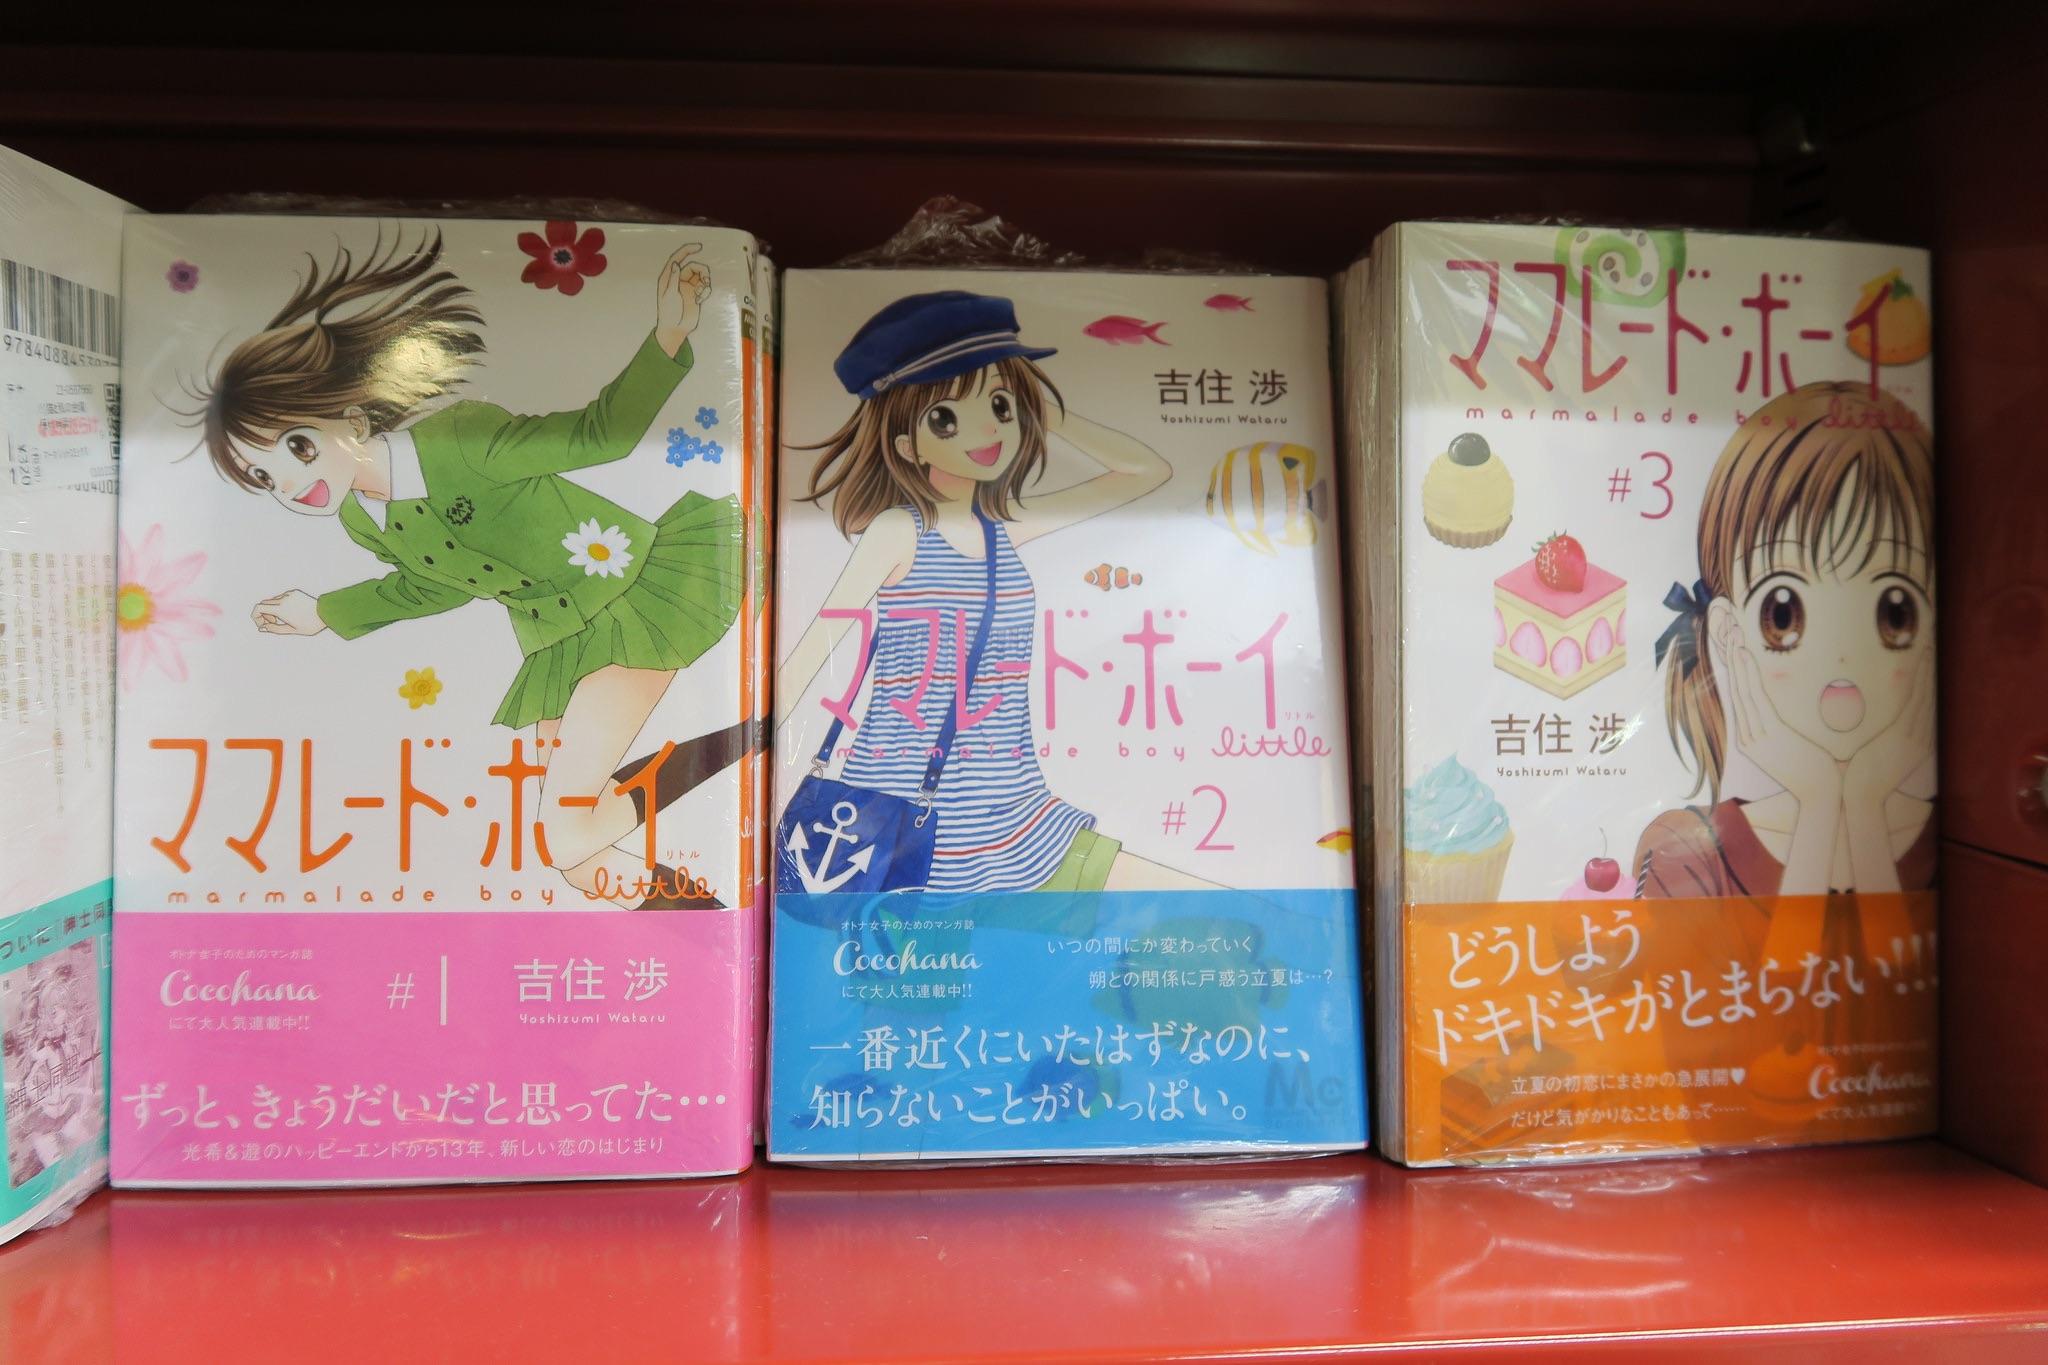 Đôi nét về 'Light Novel' – thể loại văn học đặc thù của Nhật Bản đương đại